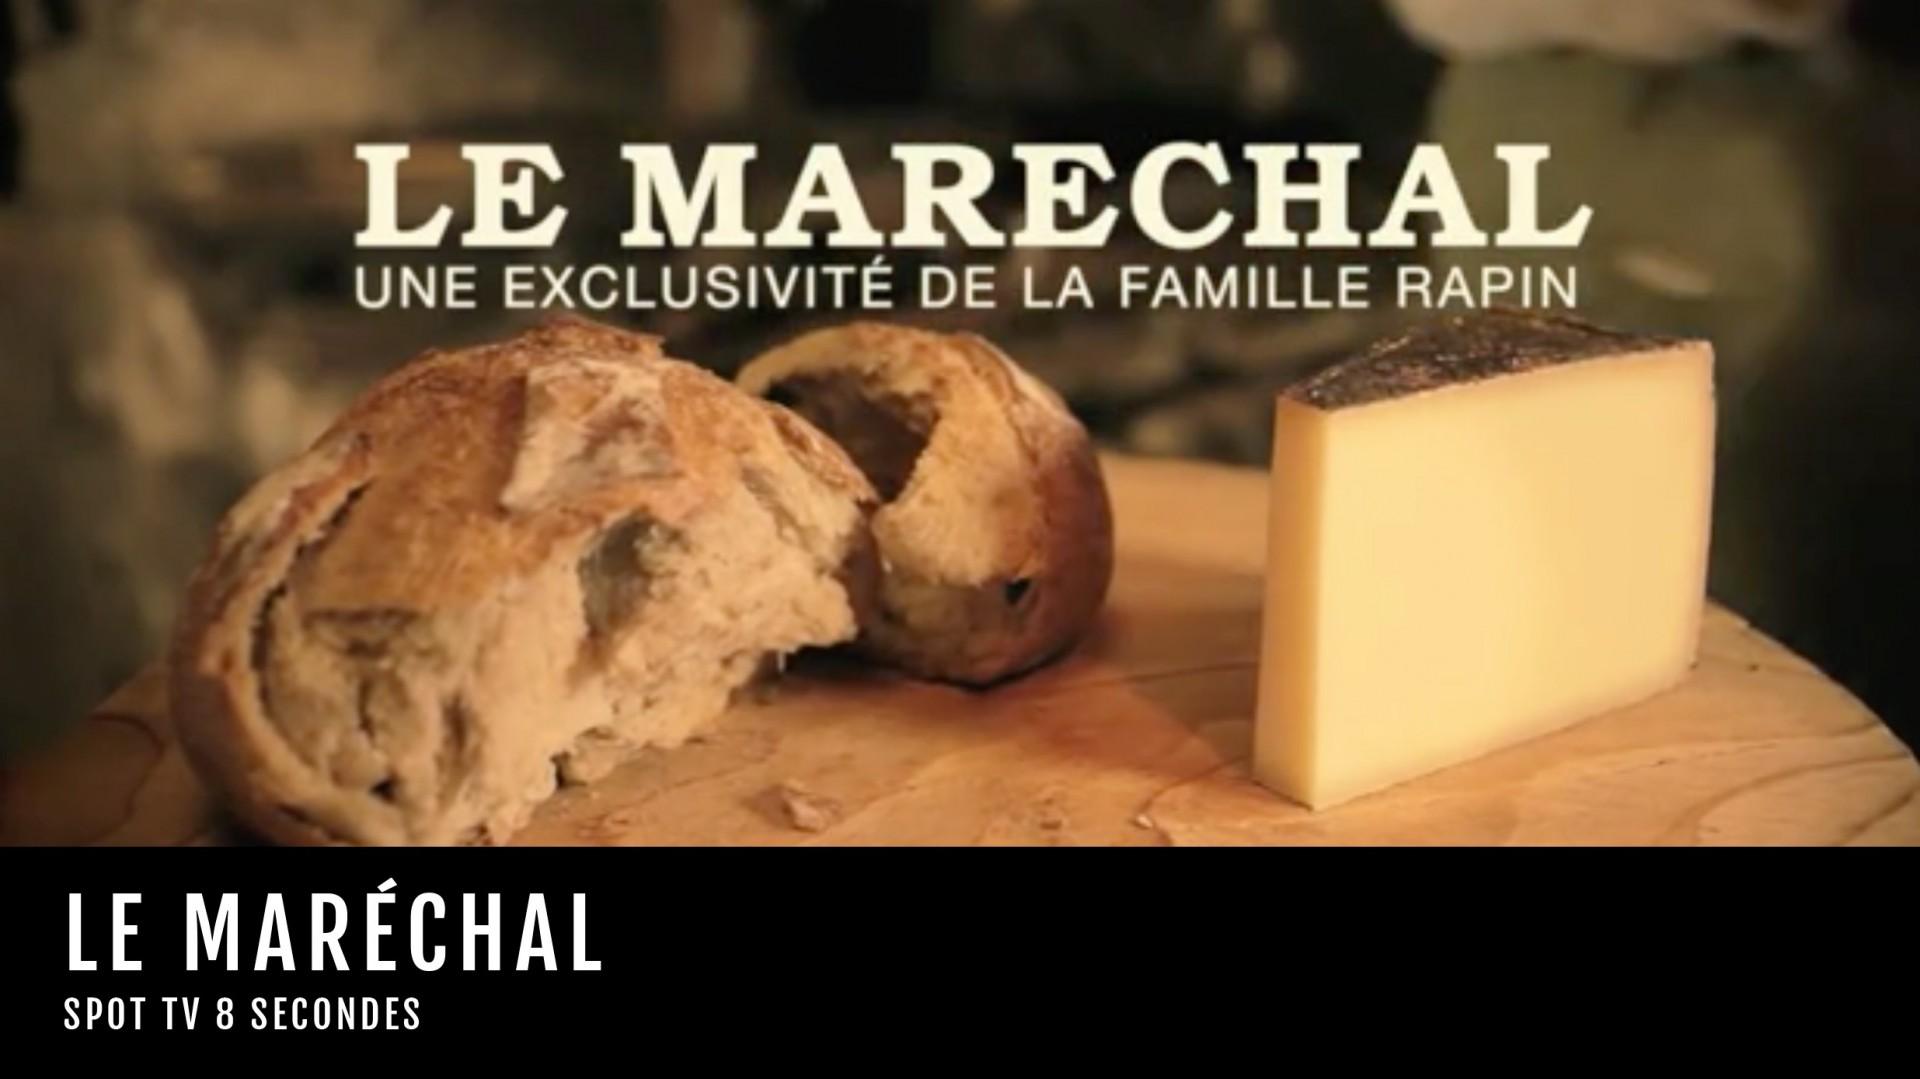 Le Maréchal, un fromage forgé de caractères